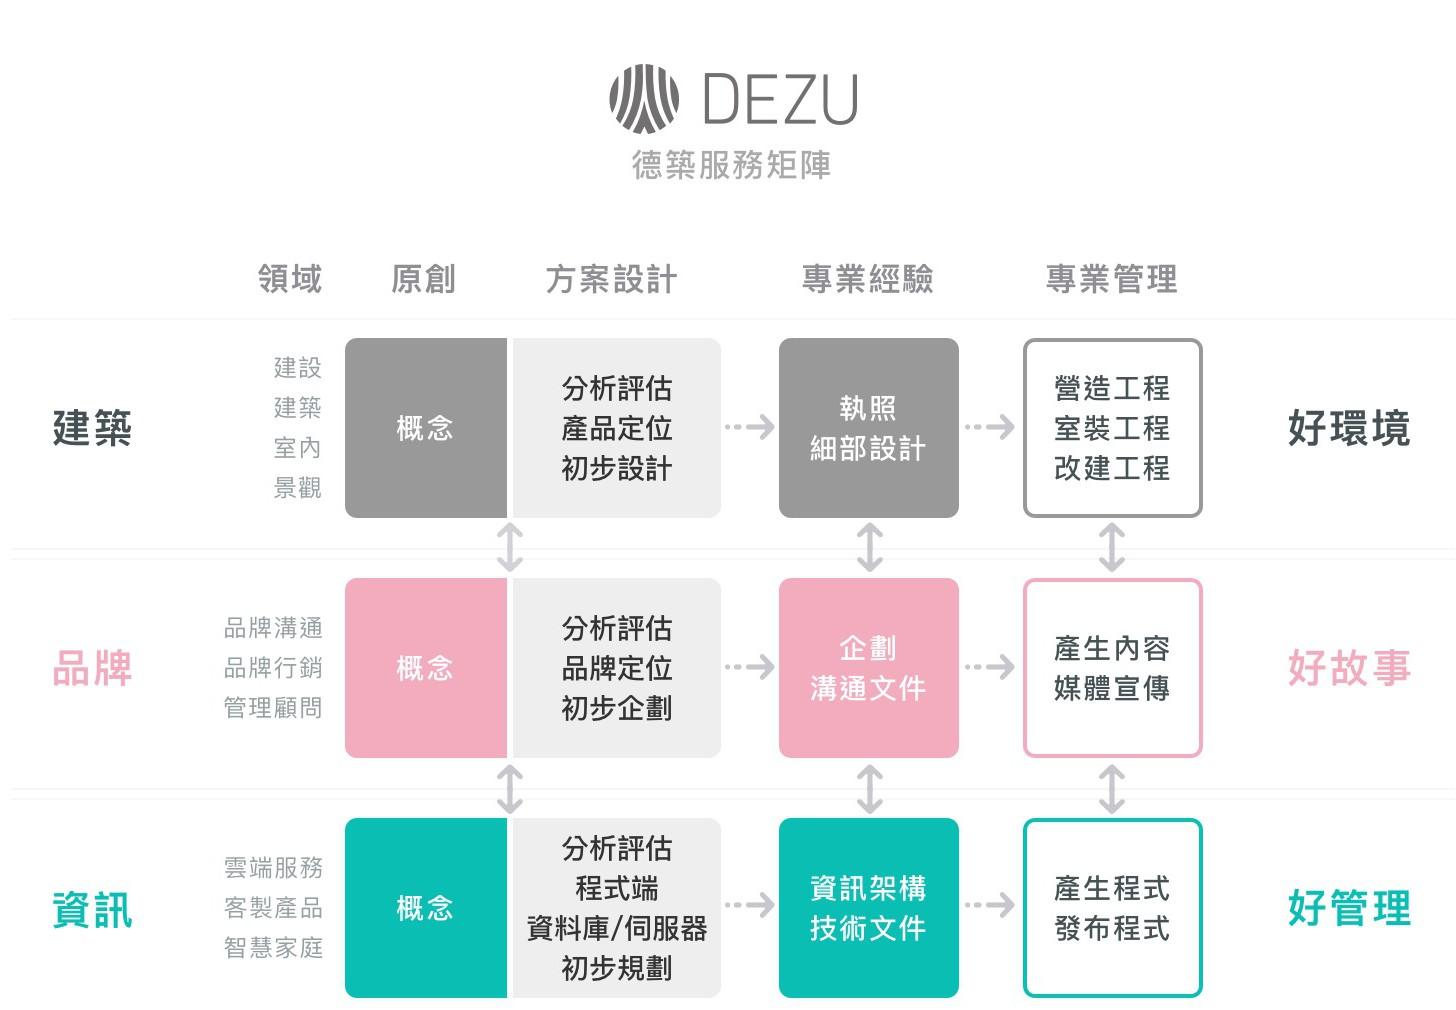 德築-DEZU-matrix